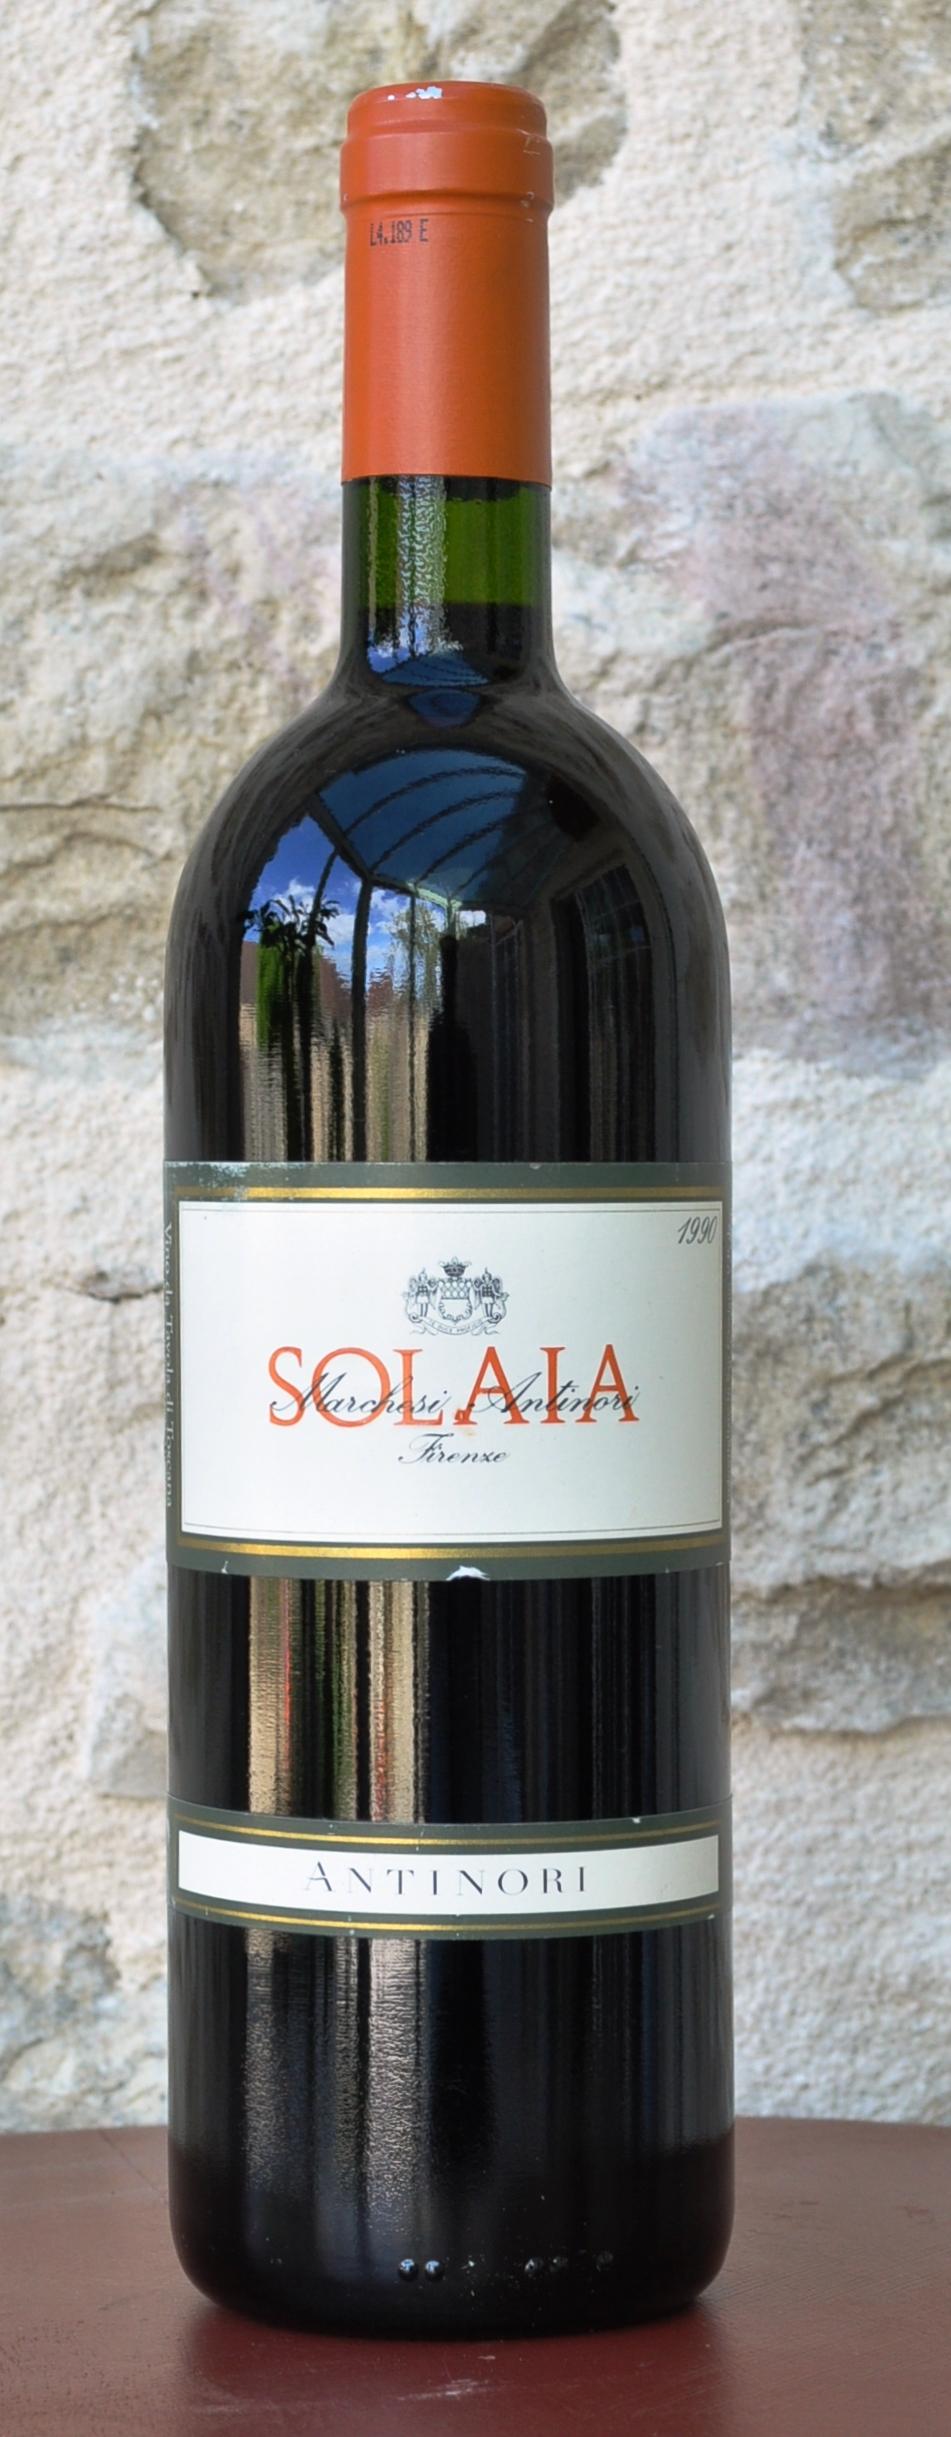 1990-Solaia-Marchesi-Antinori